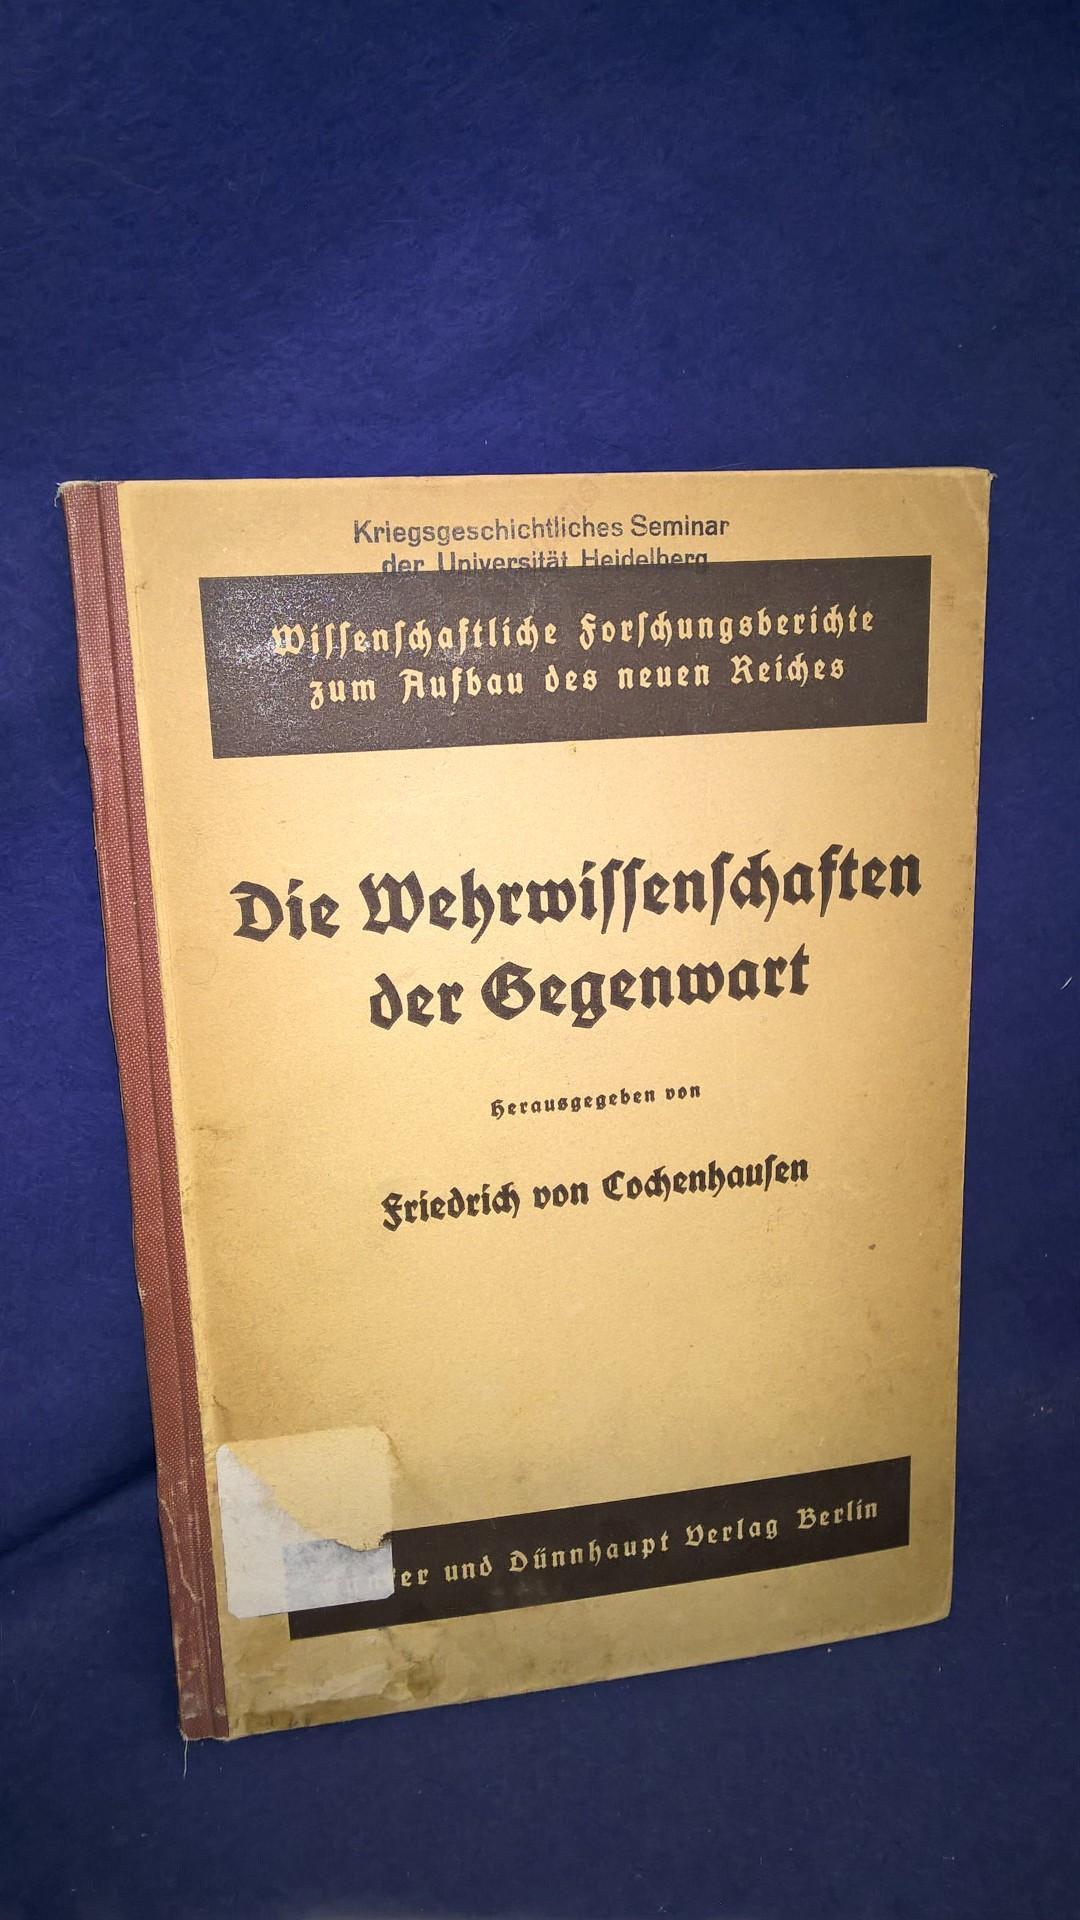 Die Wehrwissenschaften der Gegenwart.